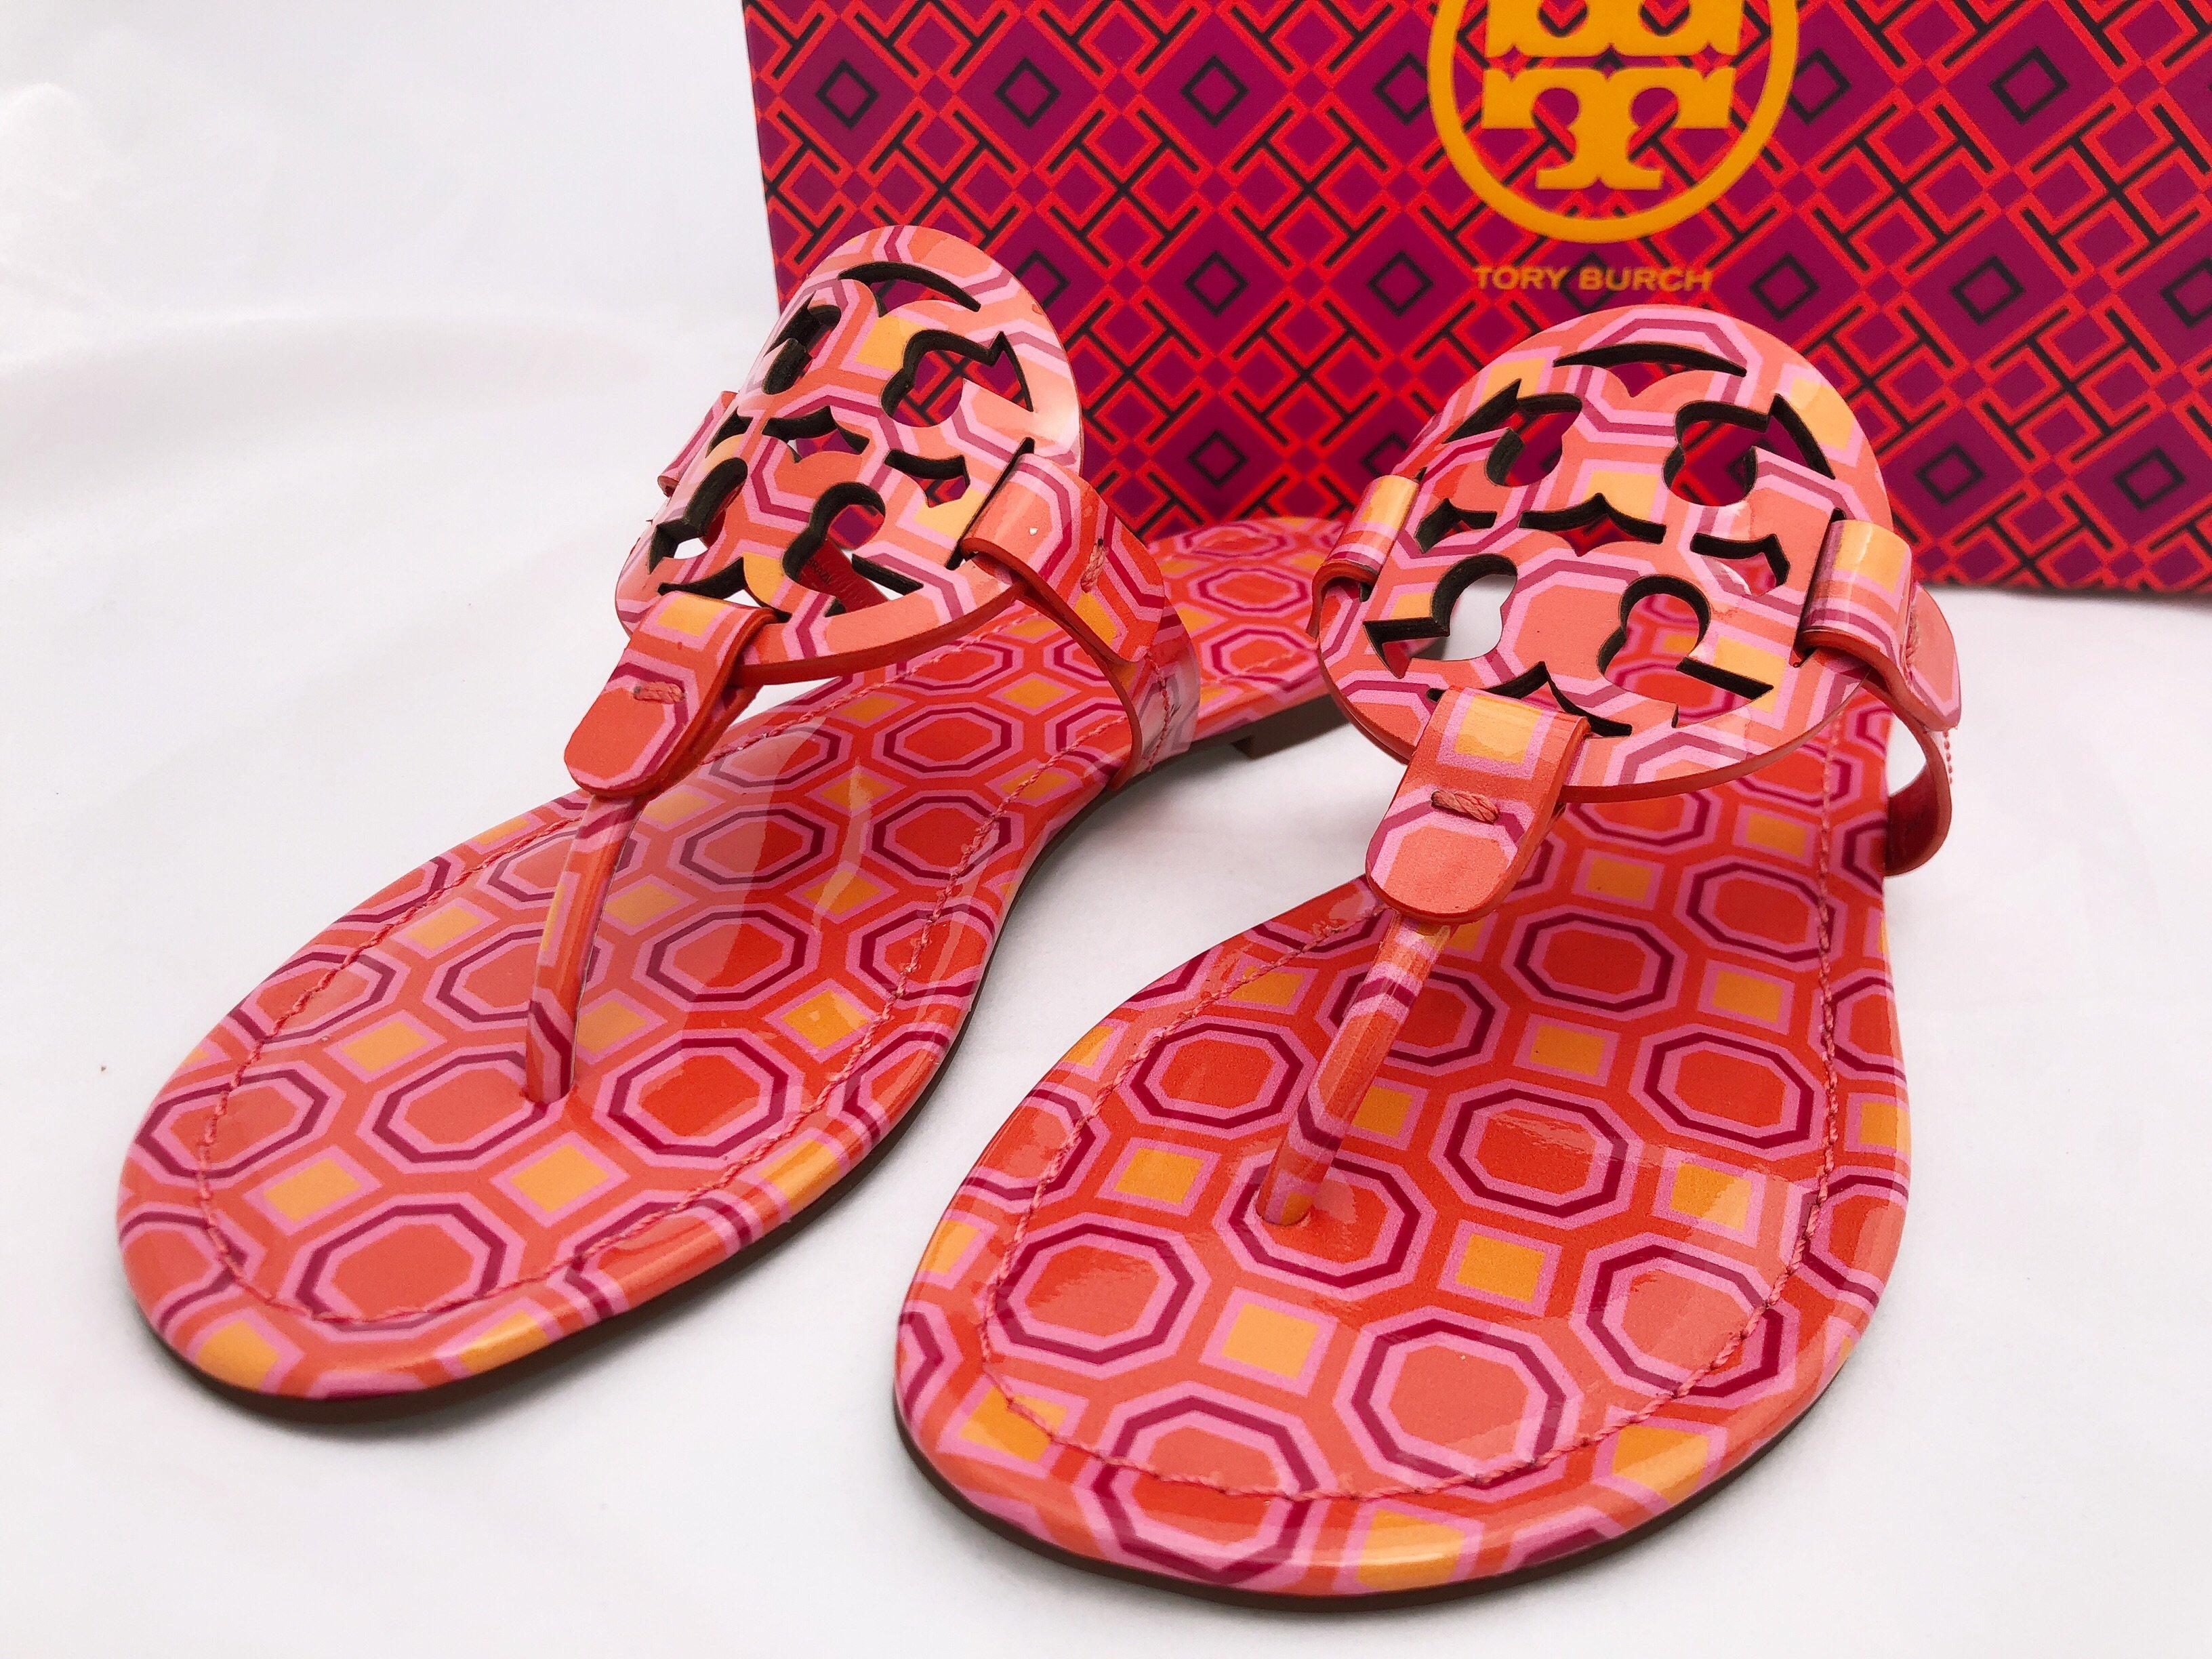 7acebfce77ec Tory Burch Miller Sandals Flip Flop Orange Coral Pink 7 7.5 8 8.5 10 ...